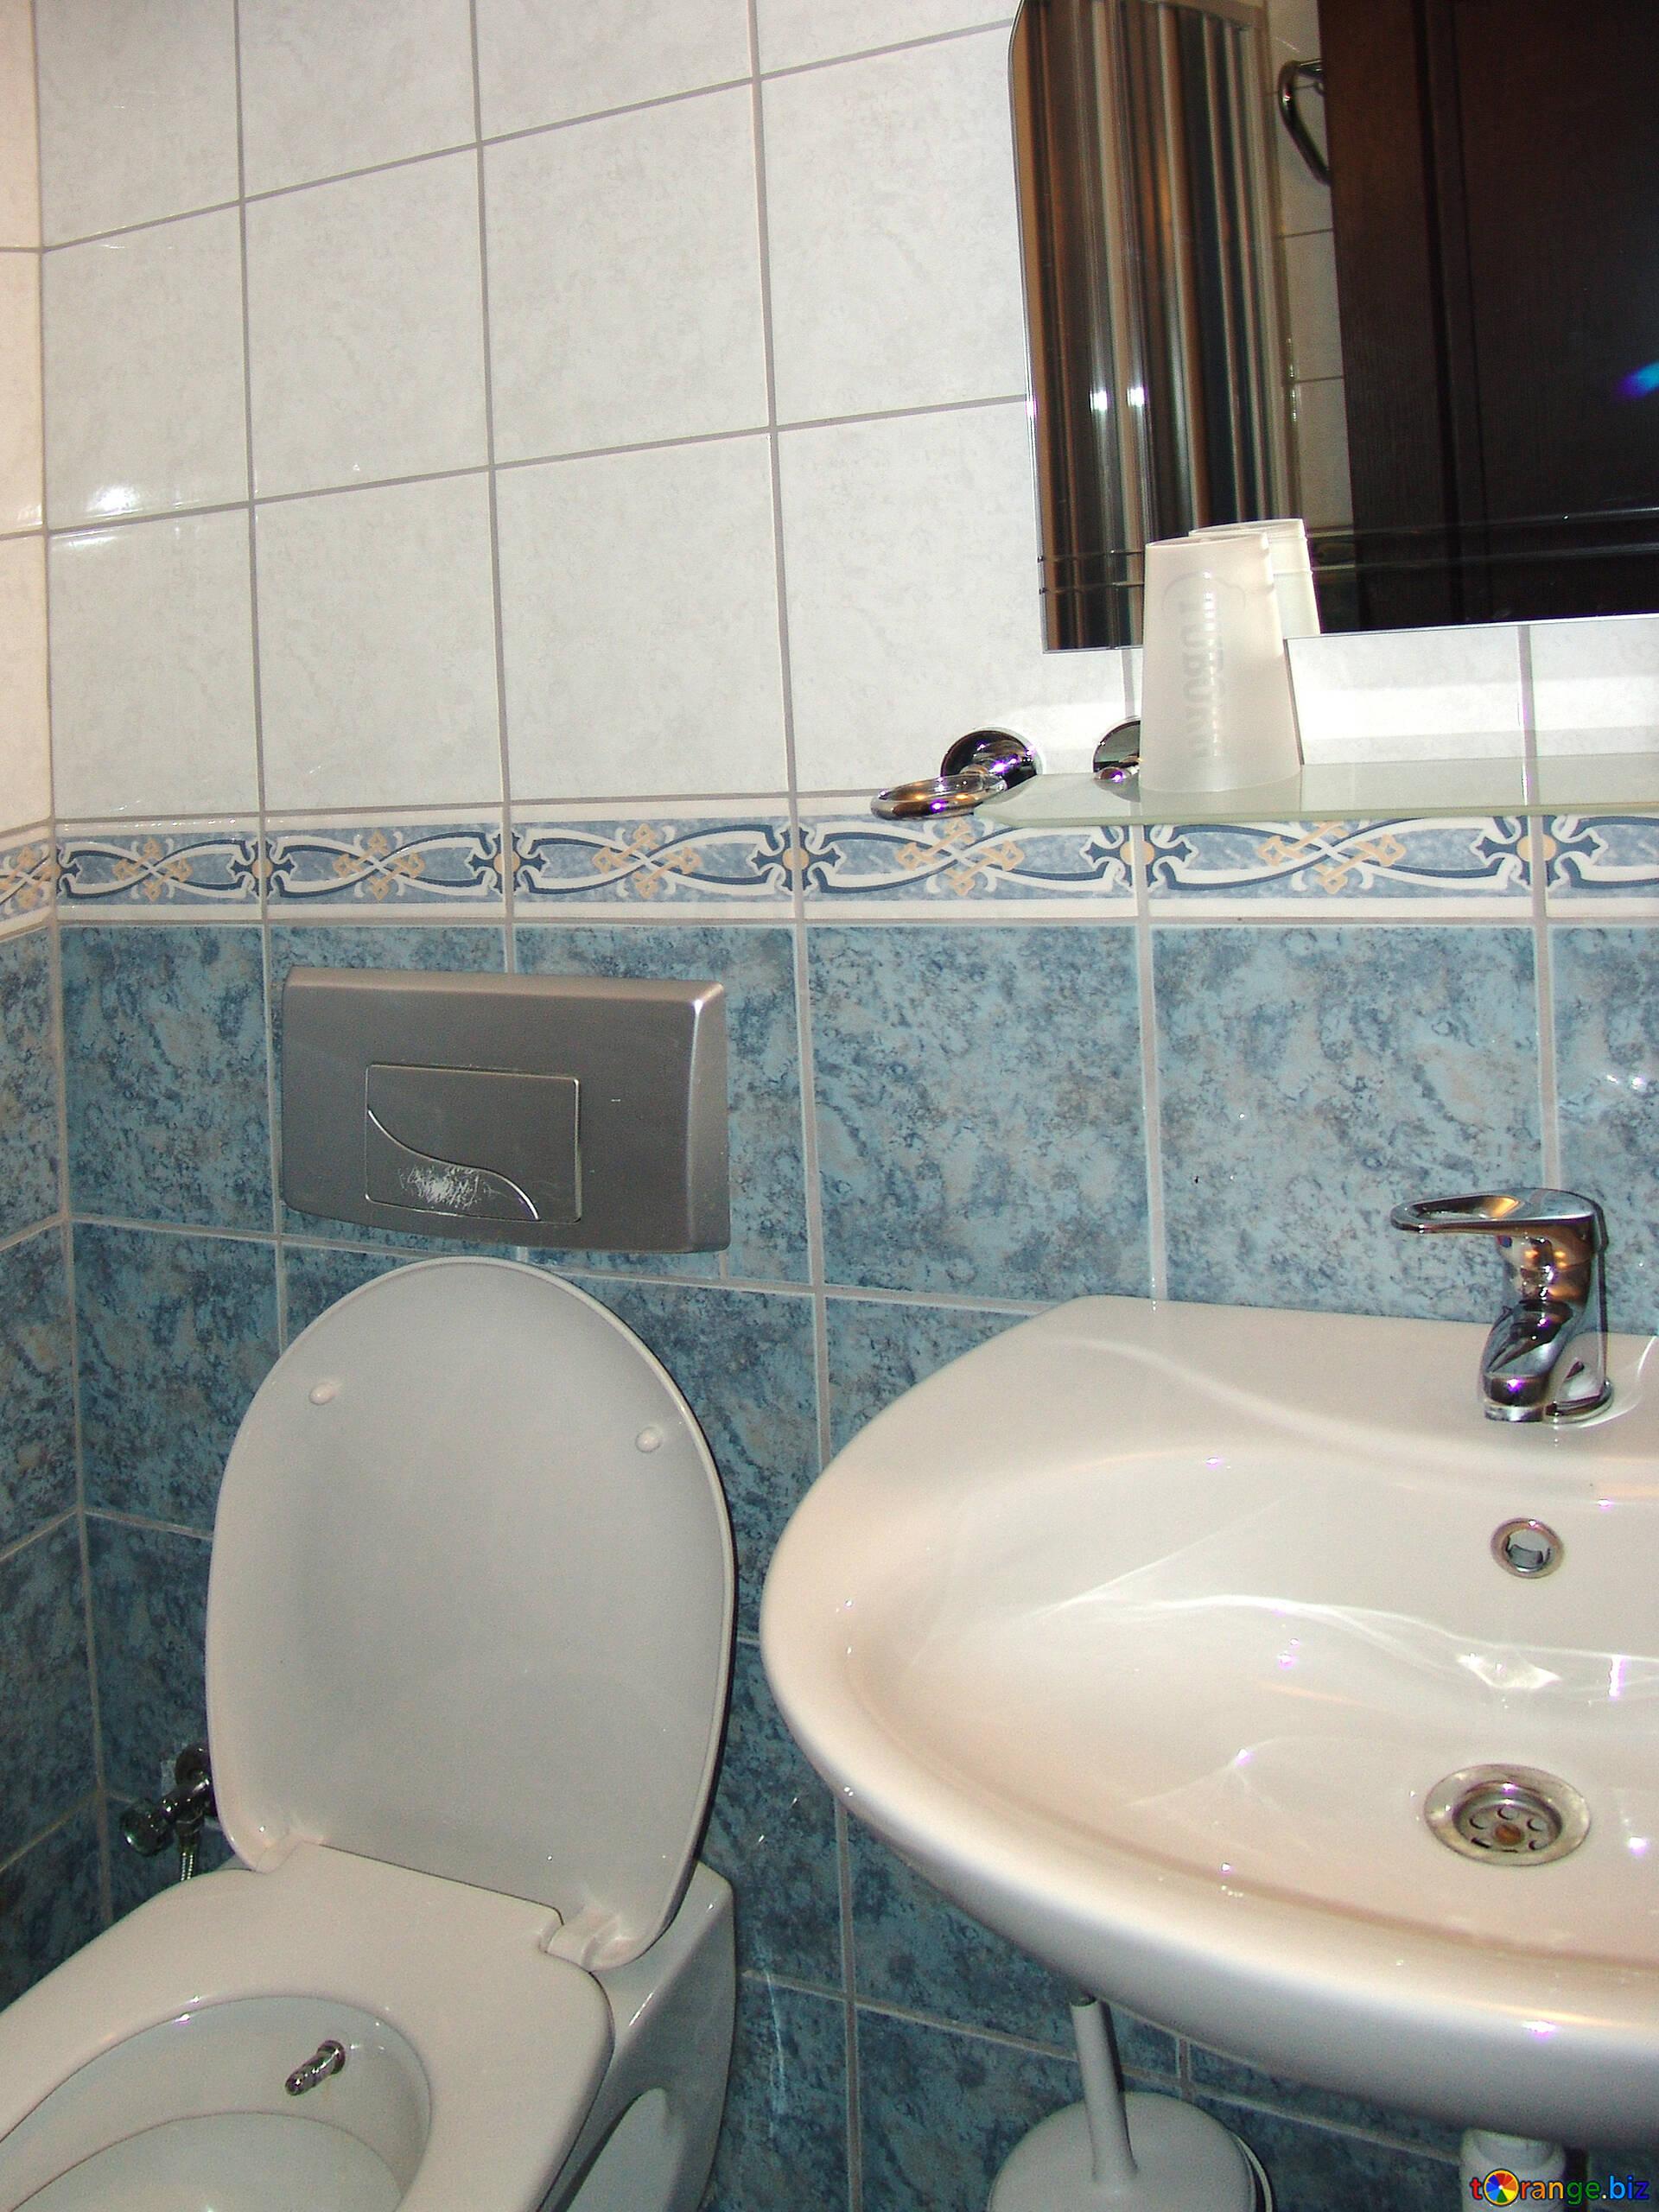 Astounding Bathrooms In Turkish Hotels The Wc Bidet Turkey 8436 Uwap Interior Chair Design Uwaporg